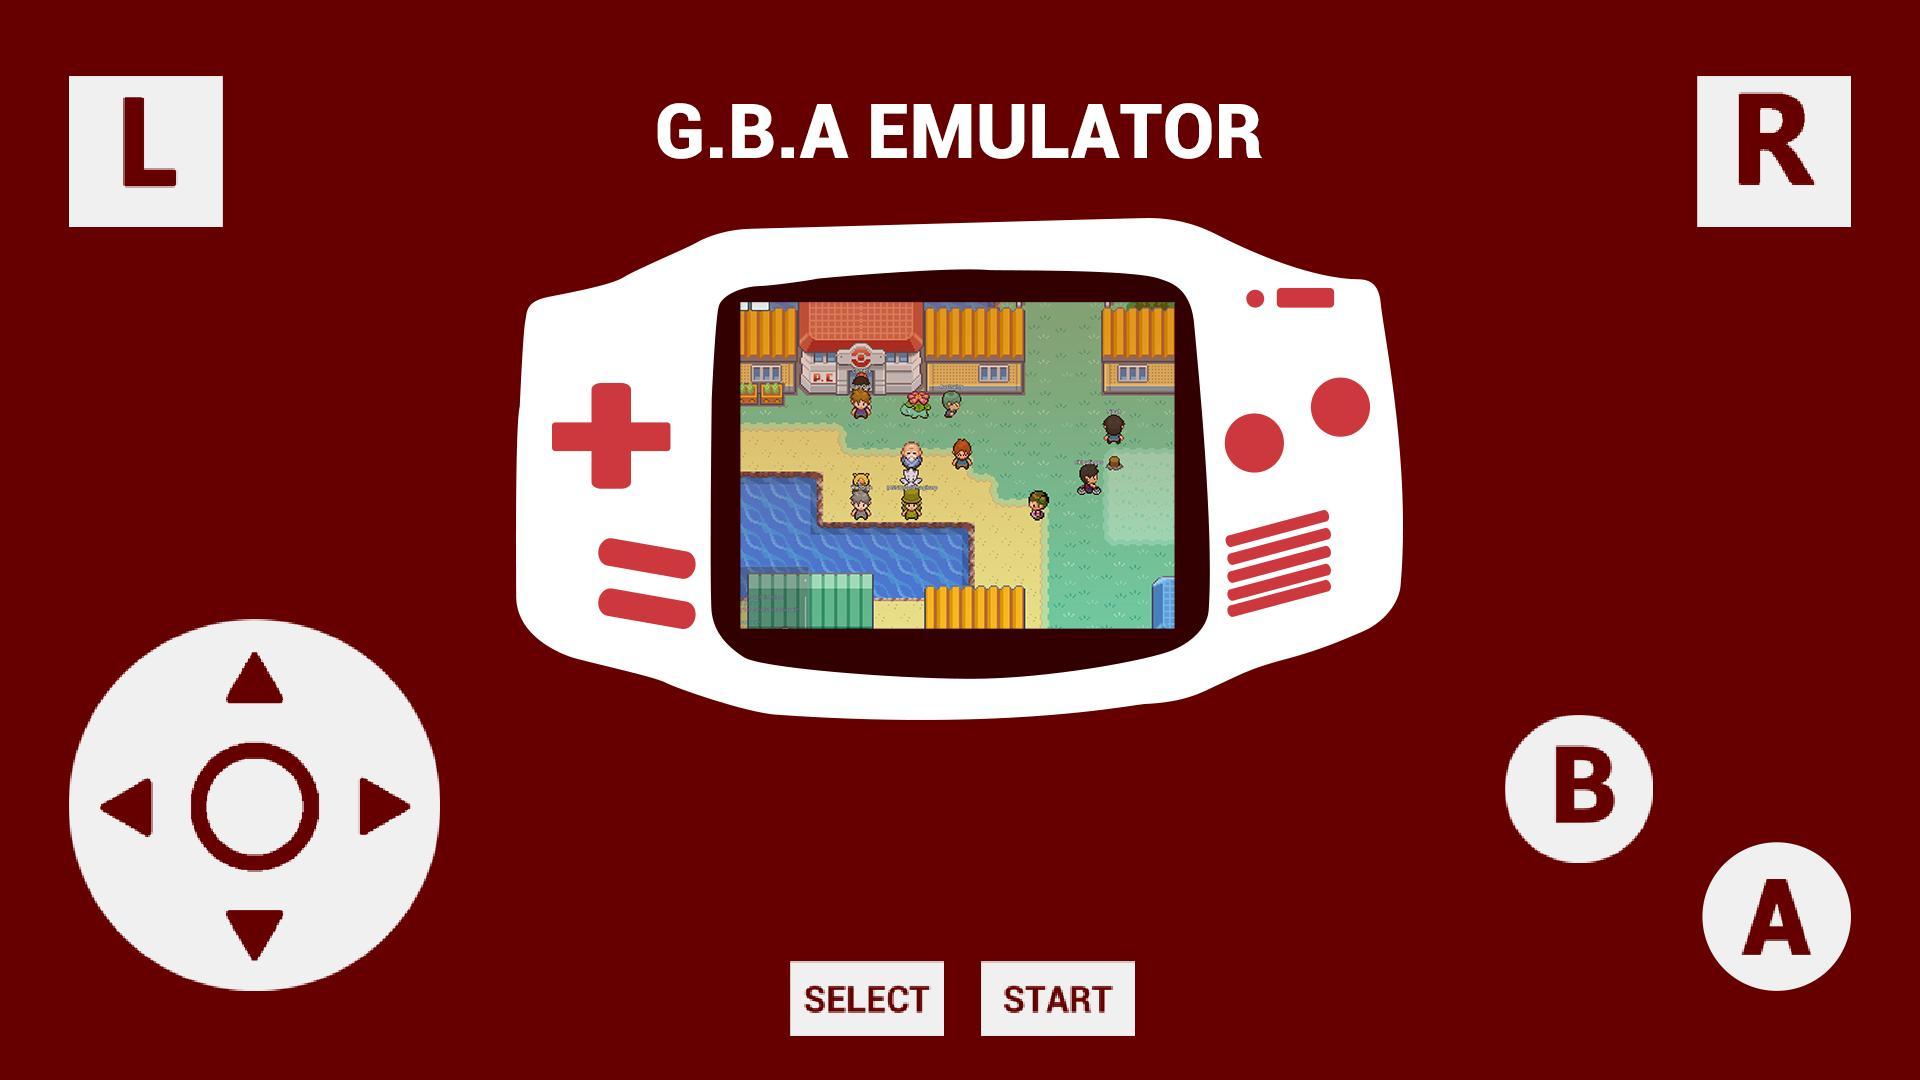 gba emulator apk download full